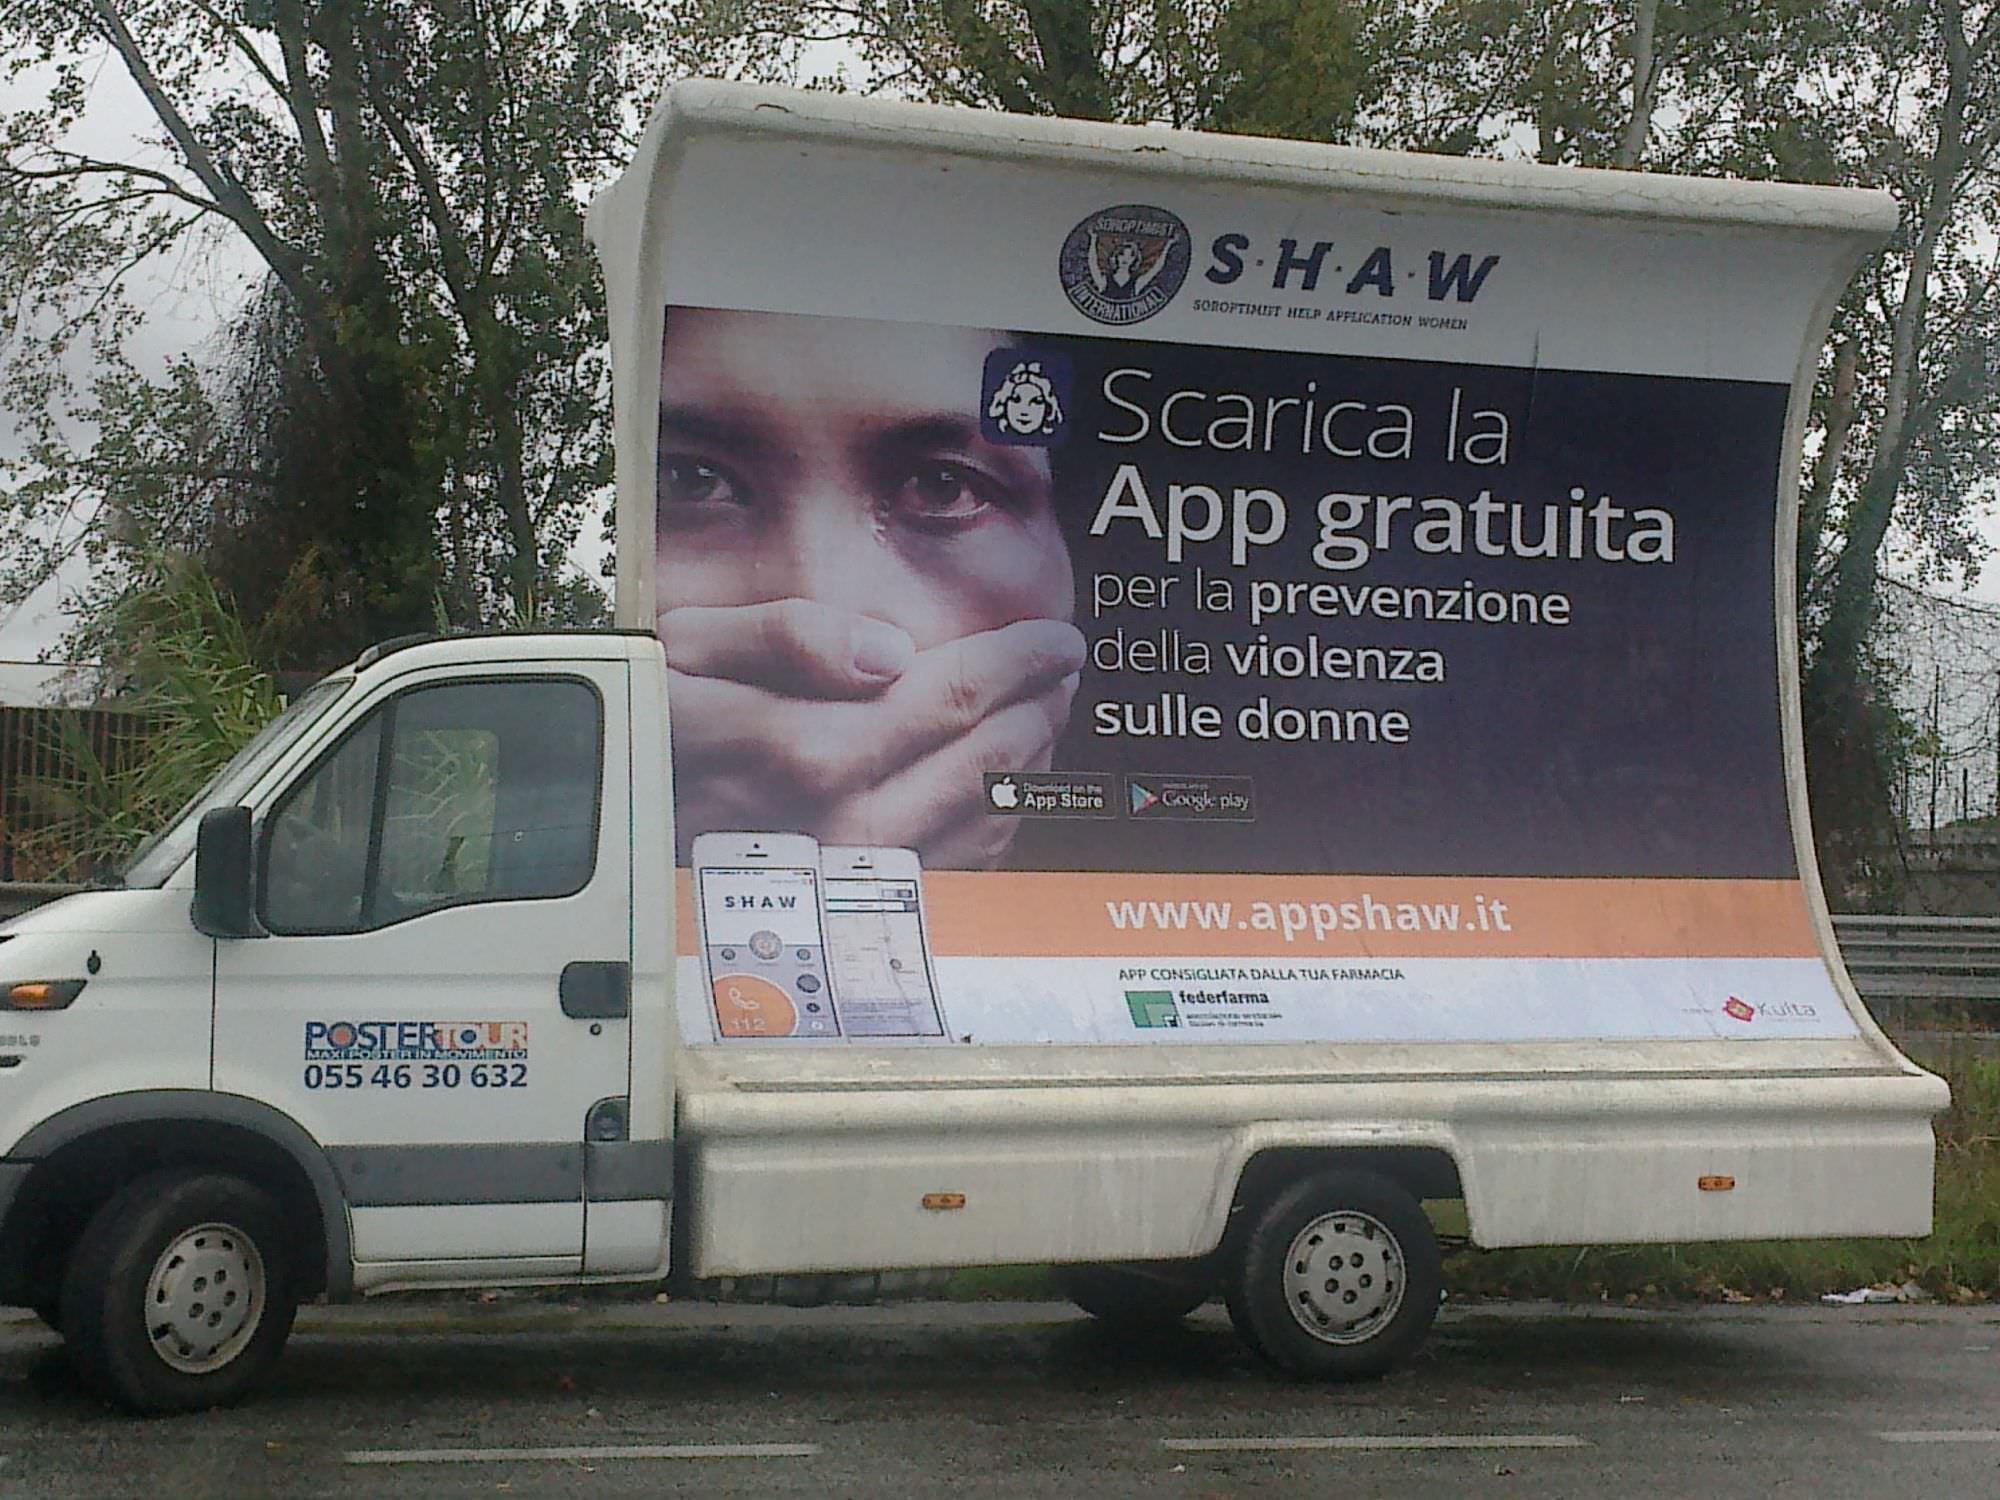 Shaw, una app per la sicurezza delle donne